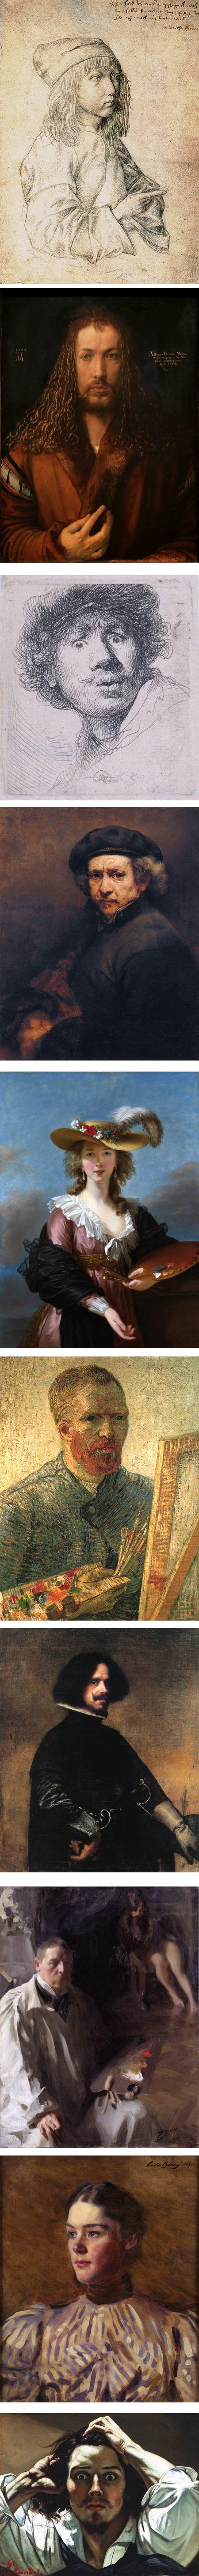 Selfies, self portraits by Albrecht Durer (2), Rembrandt van Rijn (2), Elisabeth-Louise Vigée-Lebrun, Vincent van Gogh, Diego Velázquez, Anders Zorn, Cecilia Beaux, Gustave Courbet